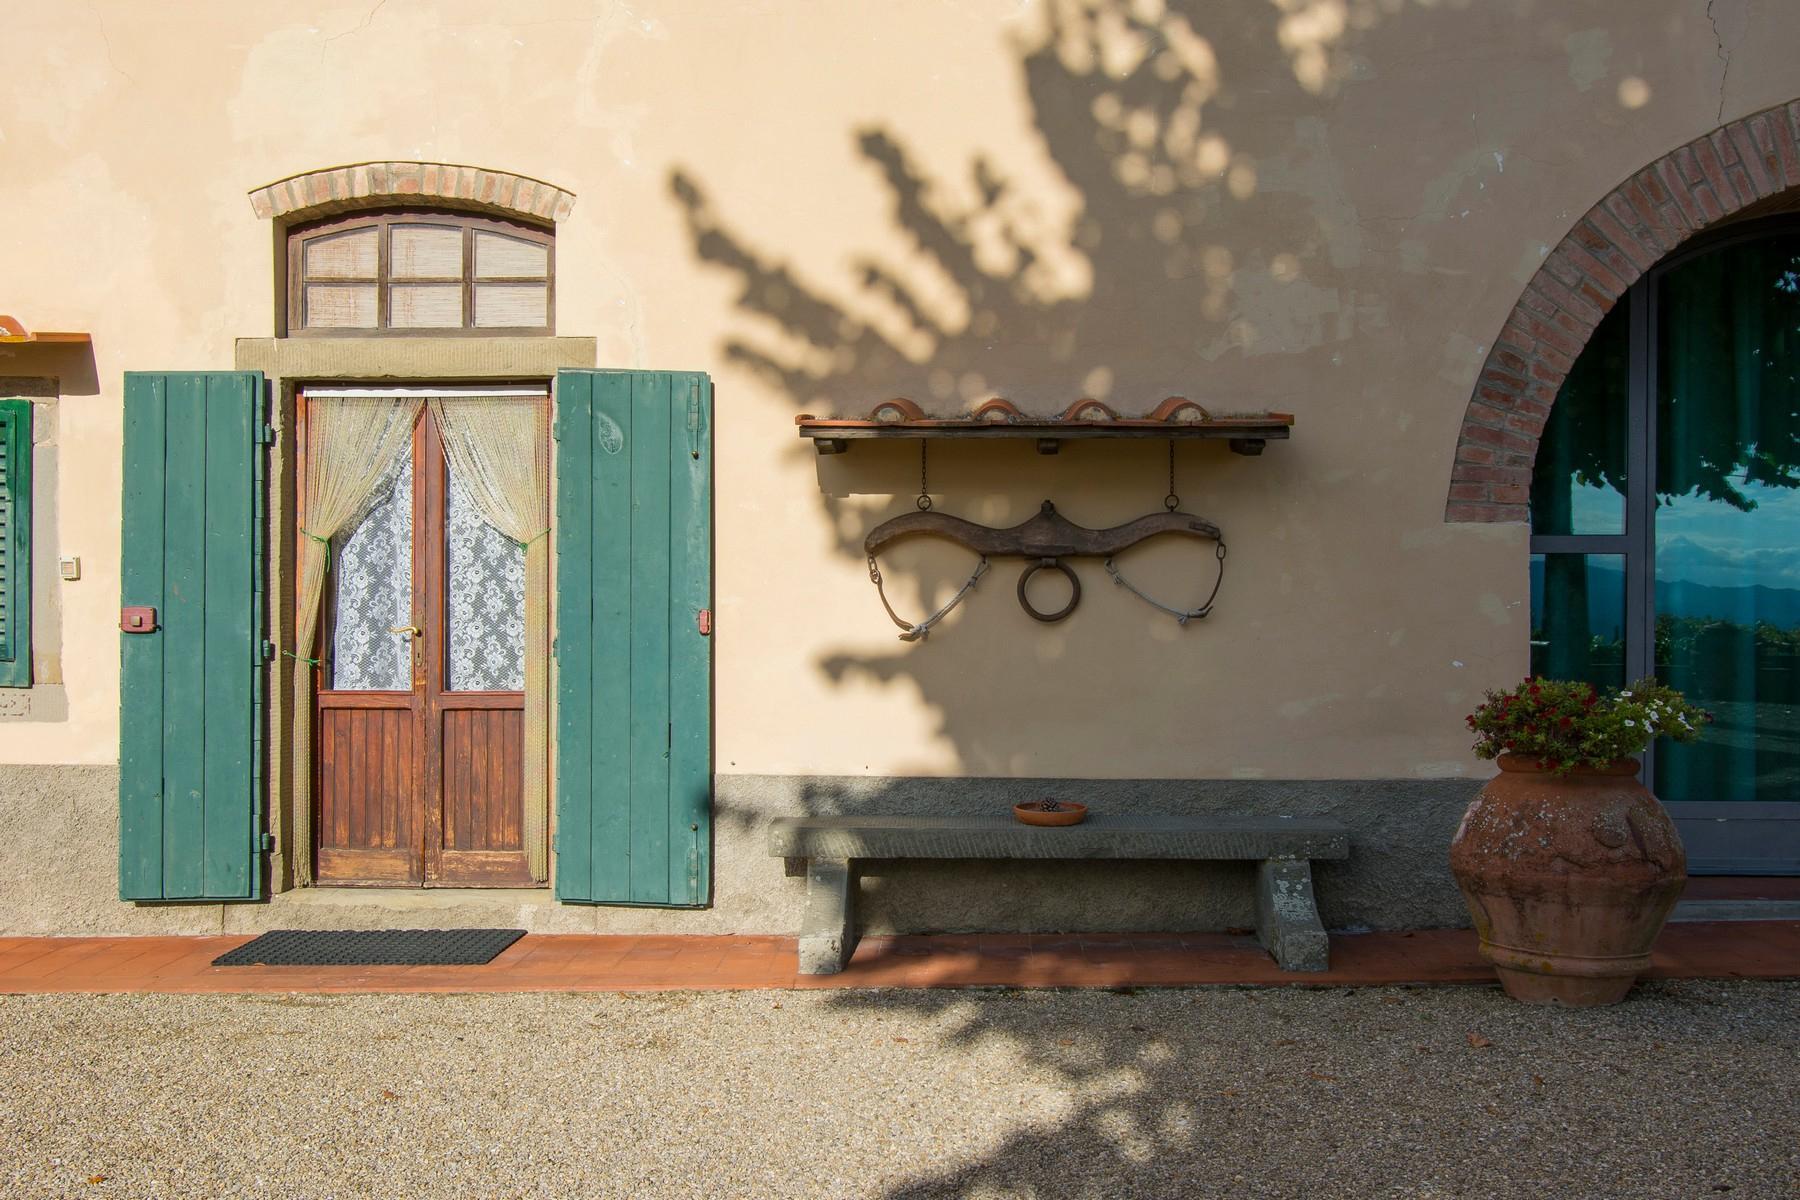 Valdarno乡村迷人的农舍 - 20